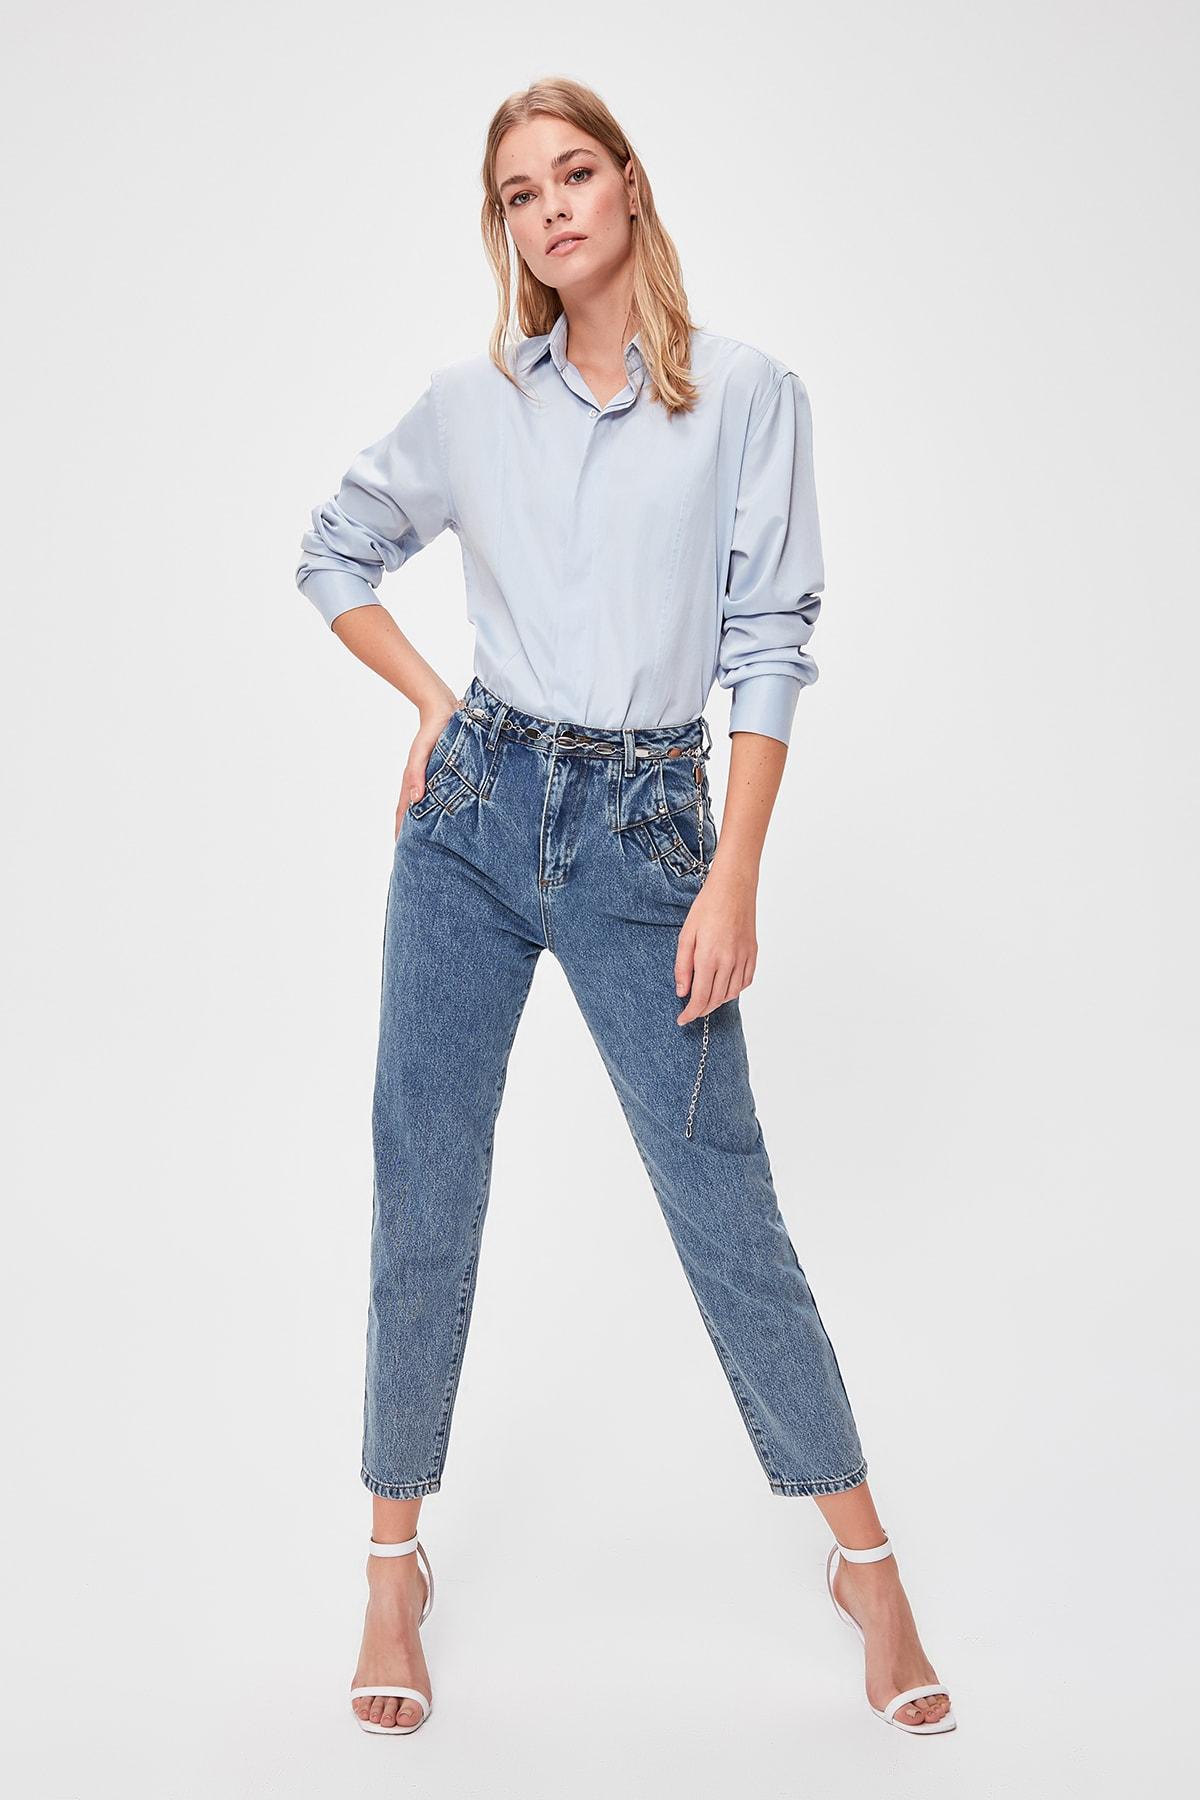 Trendyol Pleated High Waist Mom Jeans TWOAW20JE0244